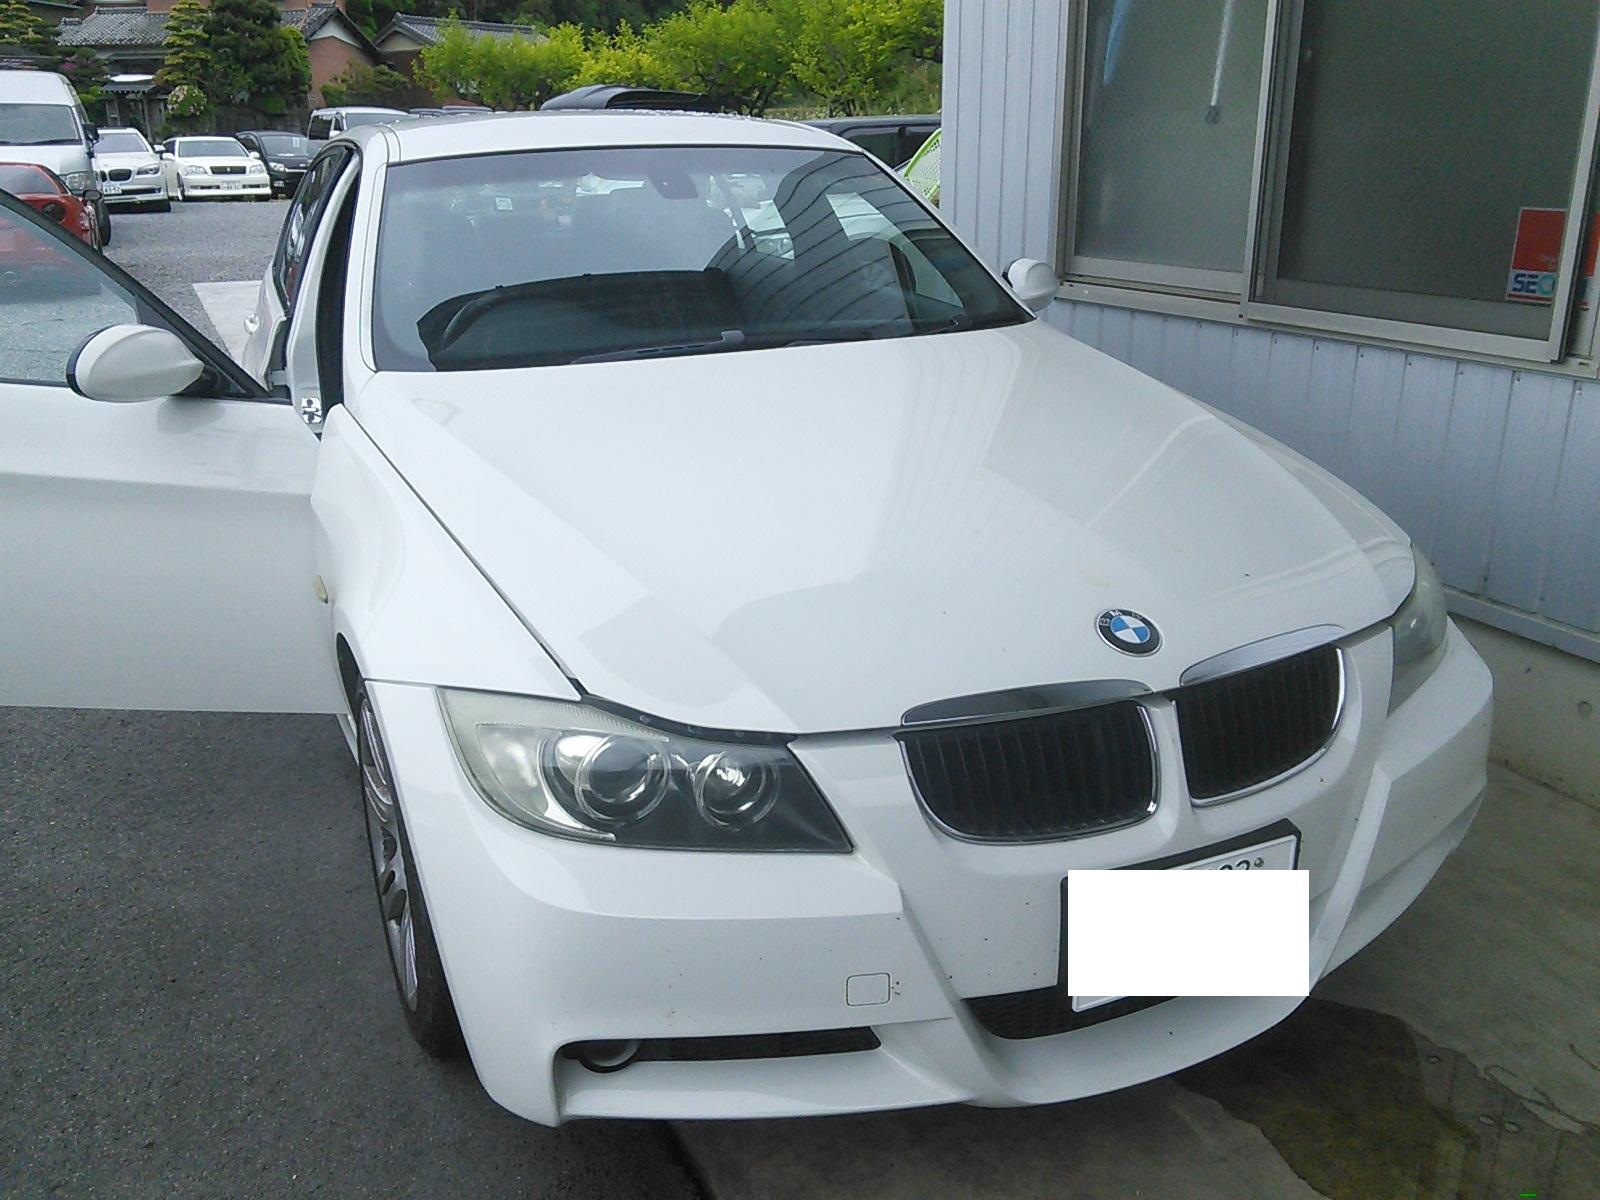 BMW E90 突然エンジンかからず ステアリングロック異常?